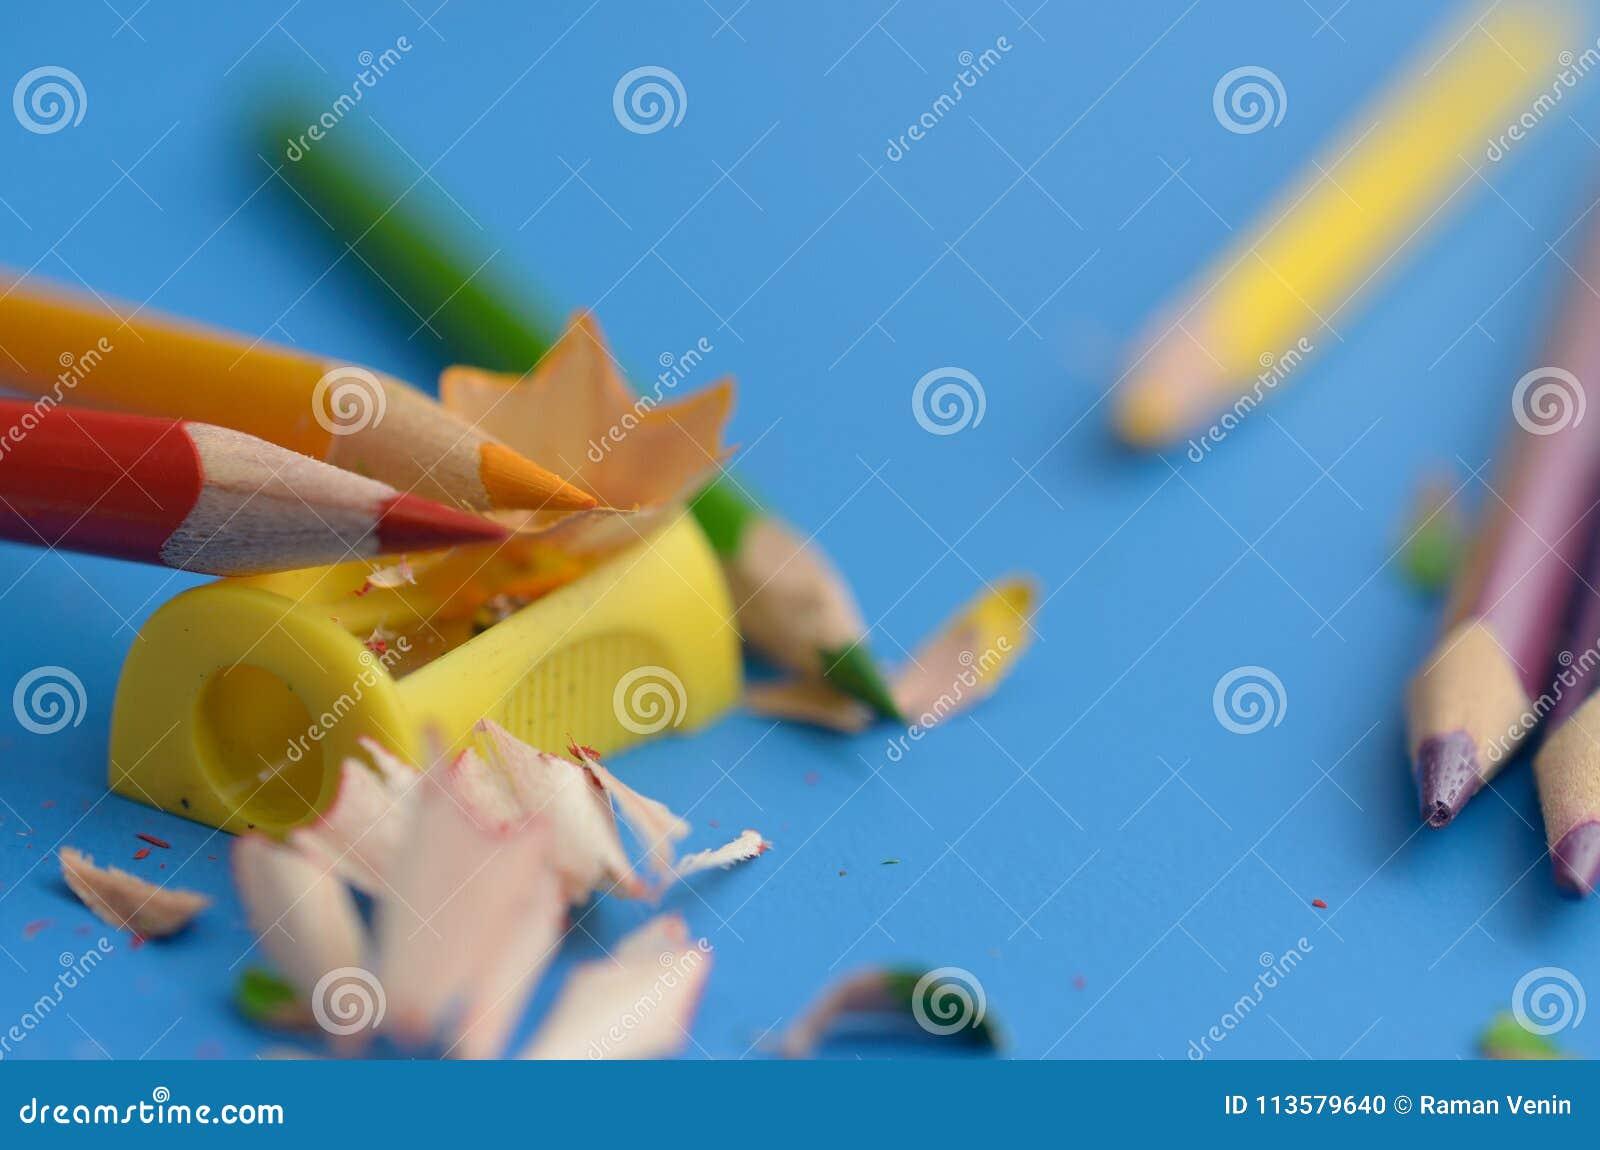 Affilez les crayons colorés avec une affûteuse